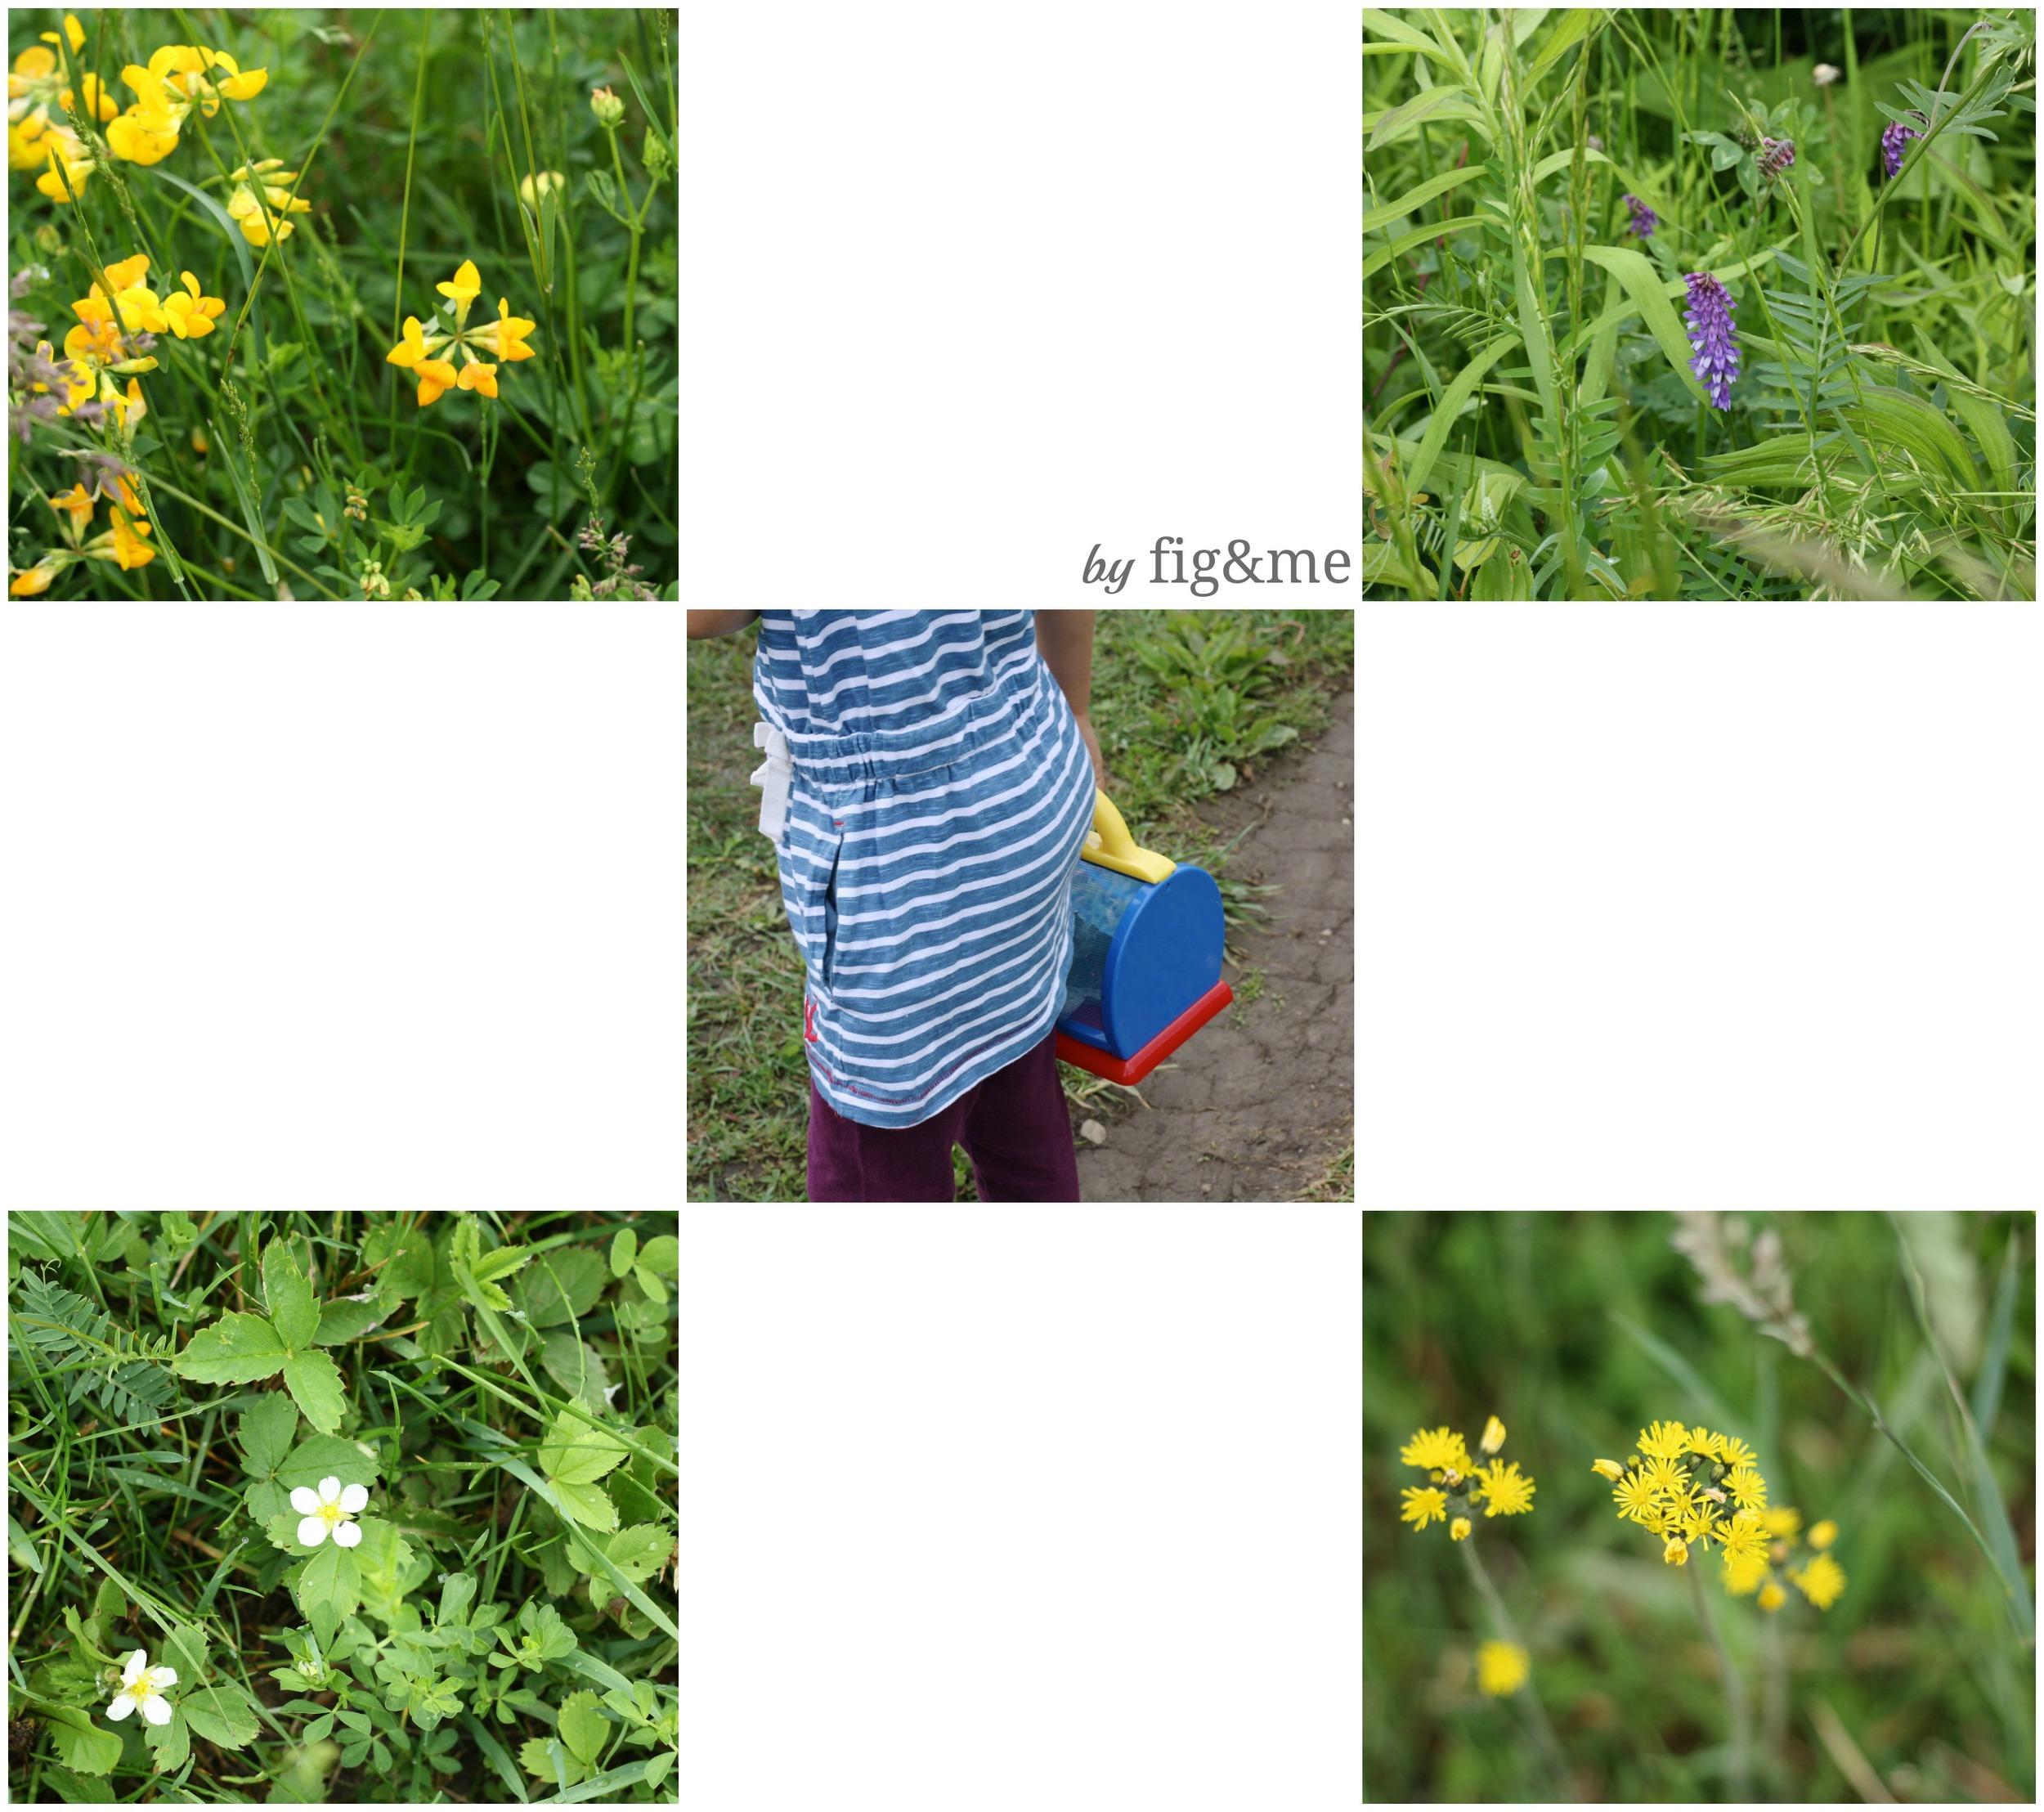 Southern Ontario common wildflowers